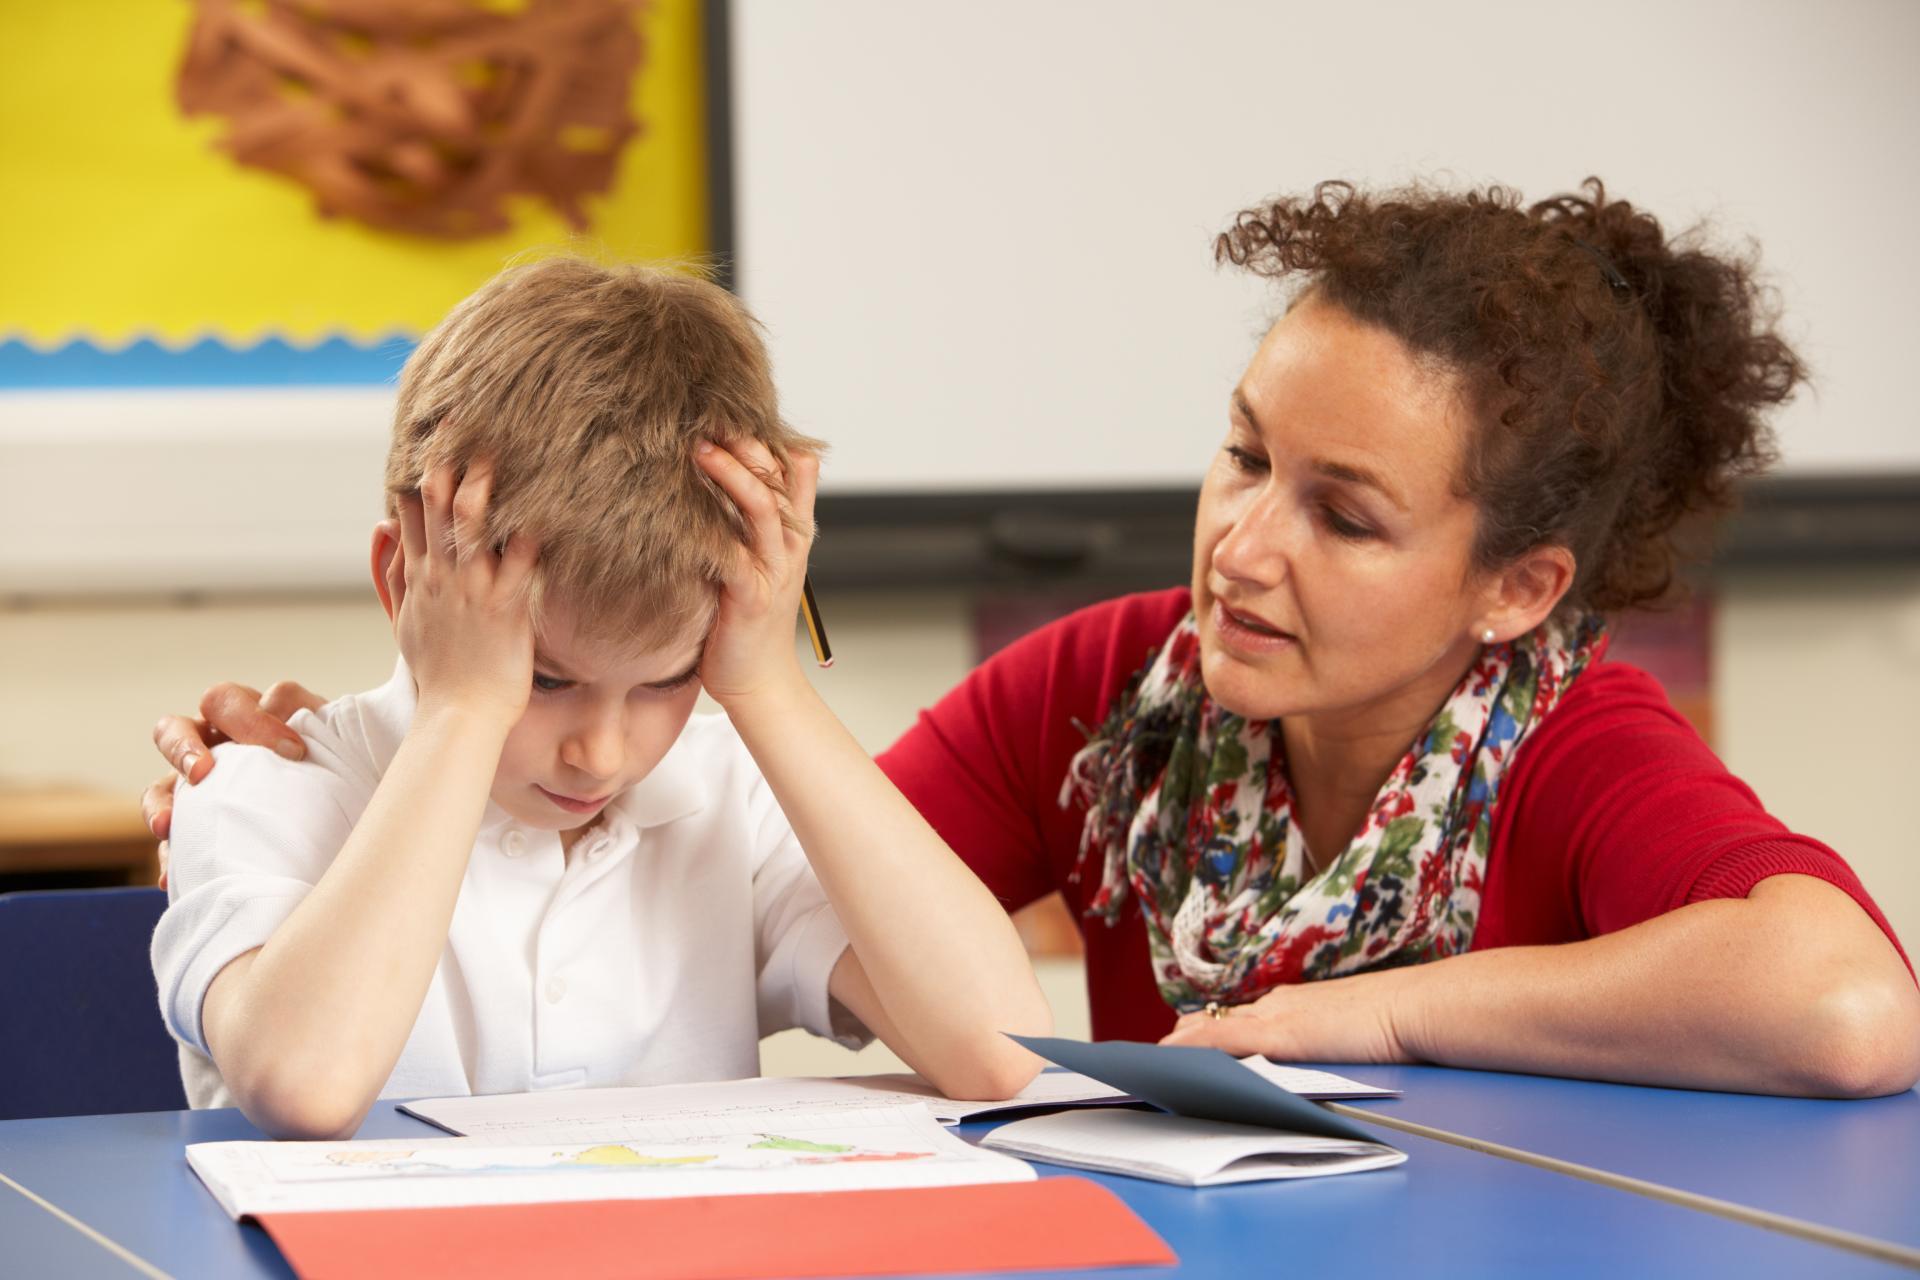 Как определить уровень школьной тревожности с помощью методики Филлипса